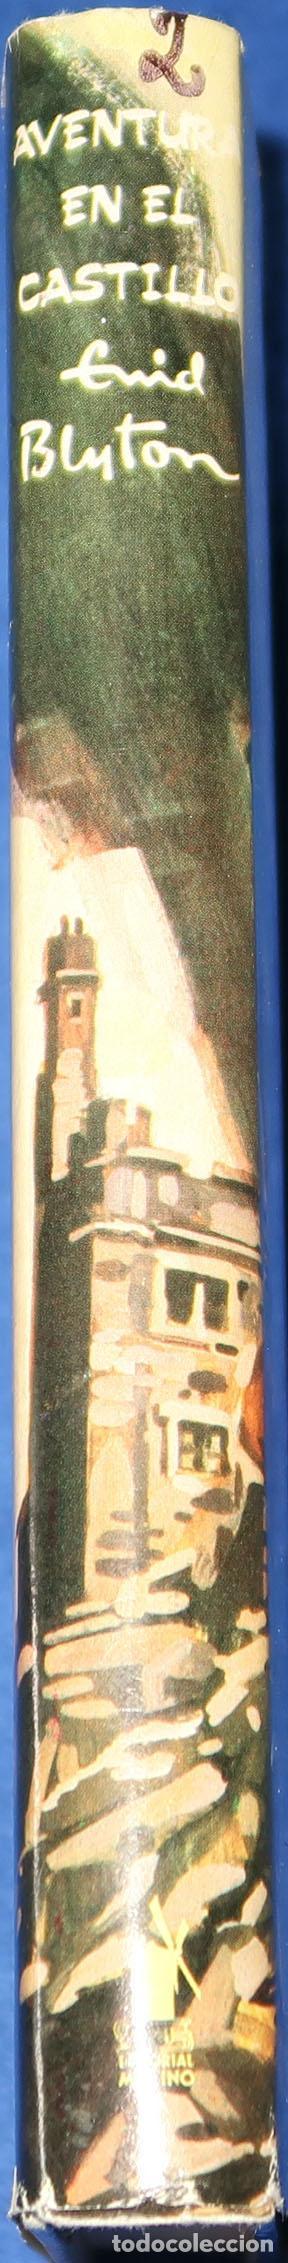 Libros de segunda mano: Aventura en el castillo - Serie Aventura 2 - Enid Blyton - Molino (1995) - Foto 3 - 288562623